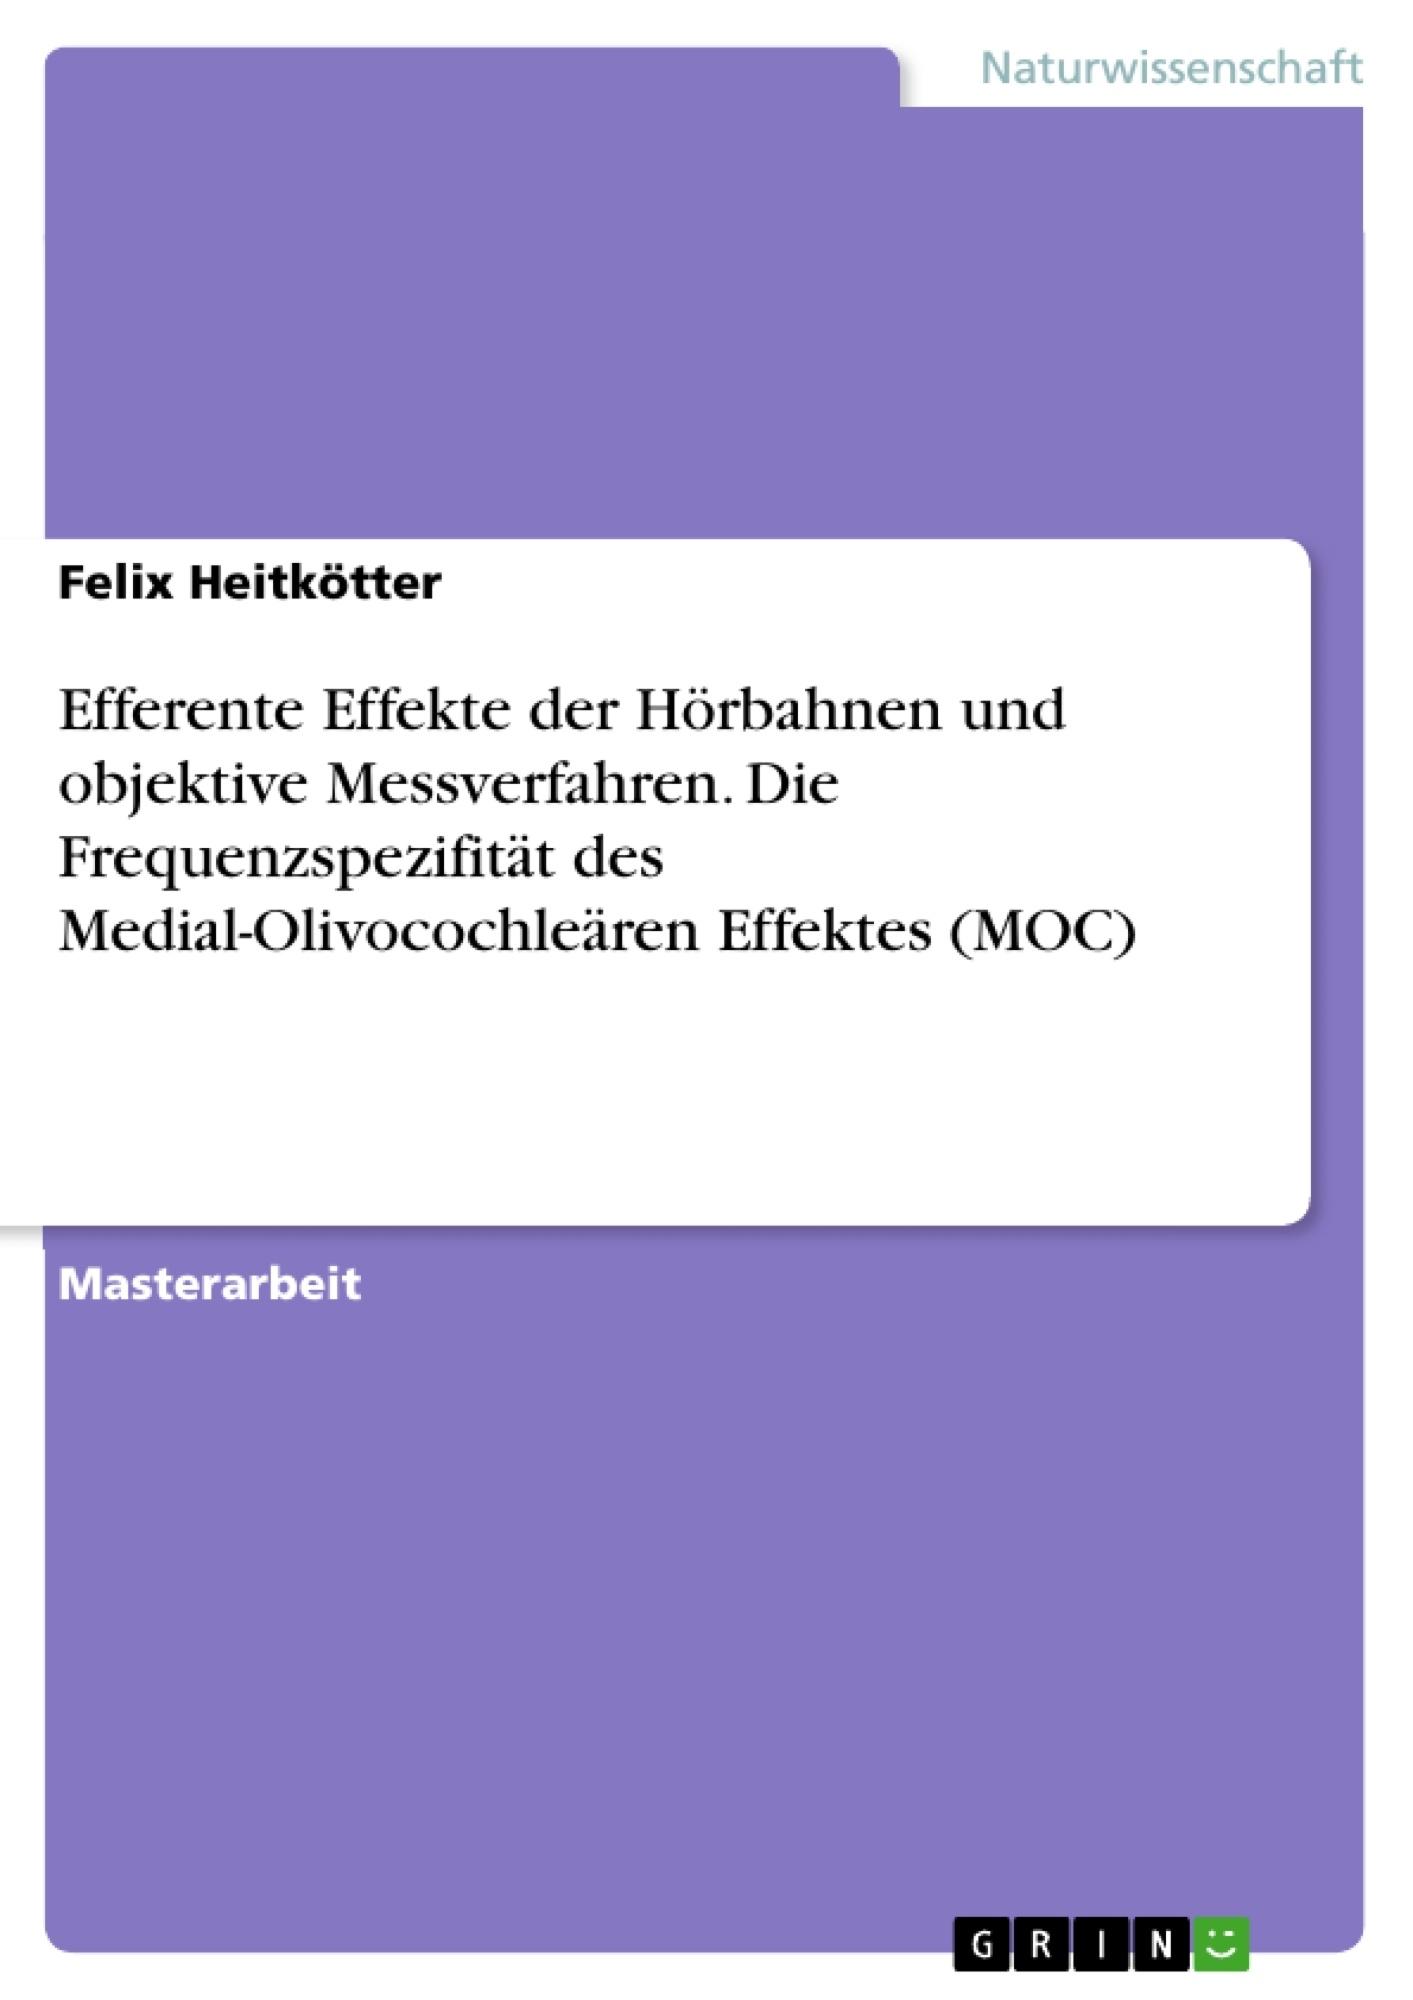 Titel: Efferente Effekte der Hörbahnen und objektive Messverfahren. Die  Frequenzspezifität des Medial-Olivocochleären Effektes (MOC)